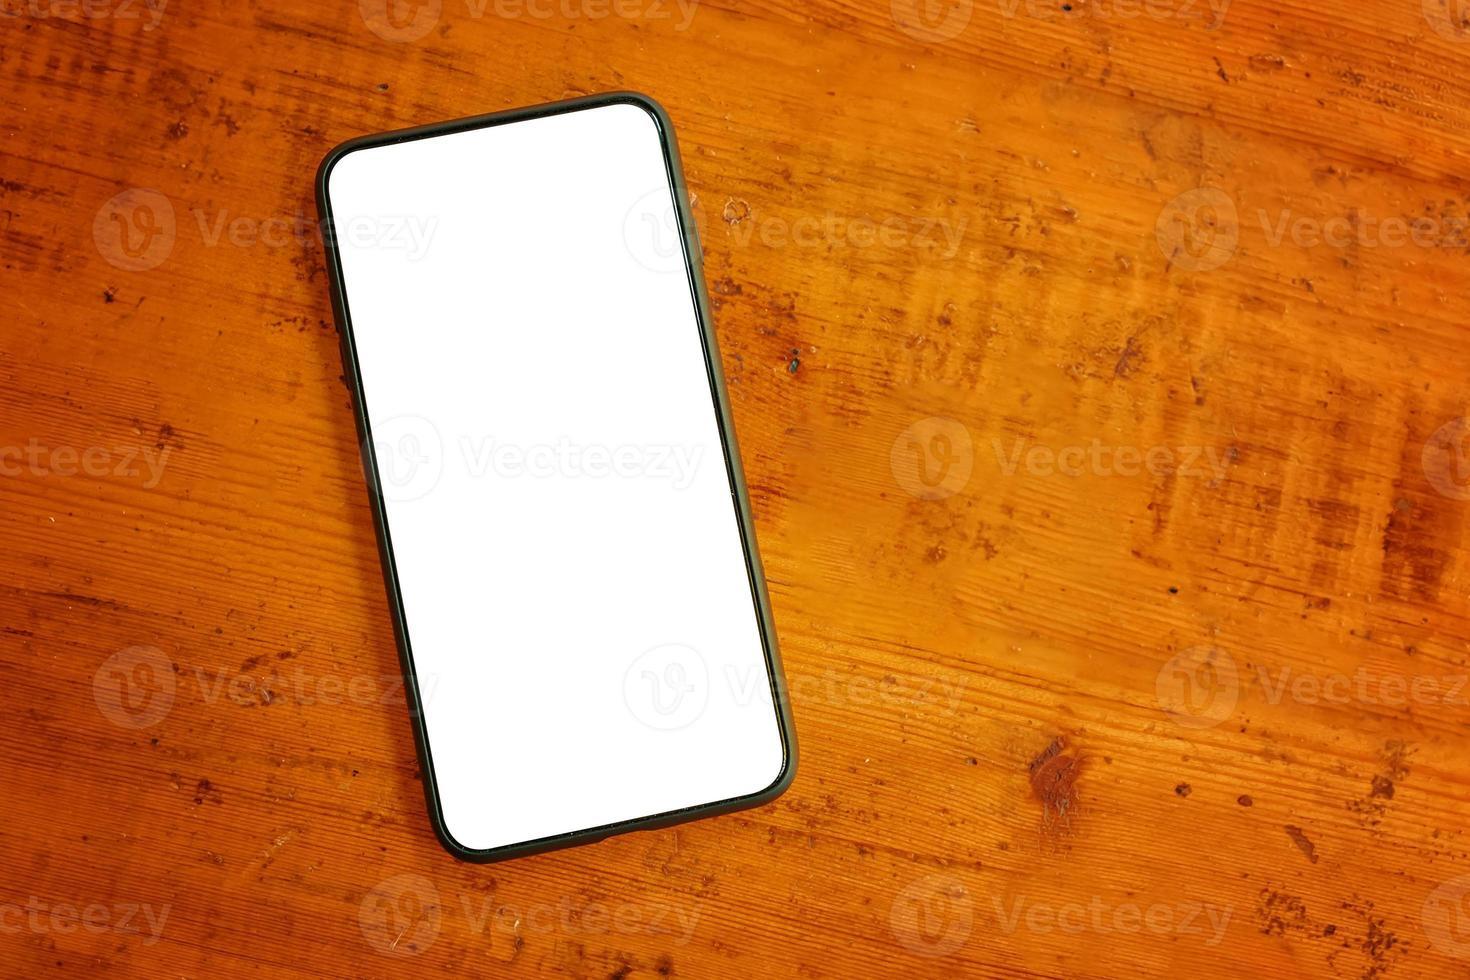 postura plana do celular na mesa de madeira foto